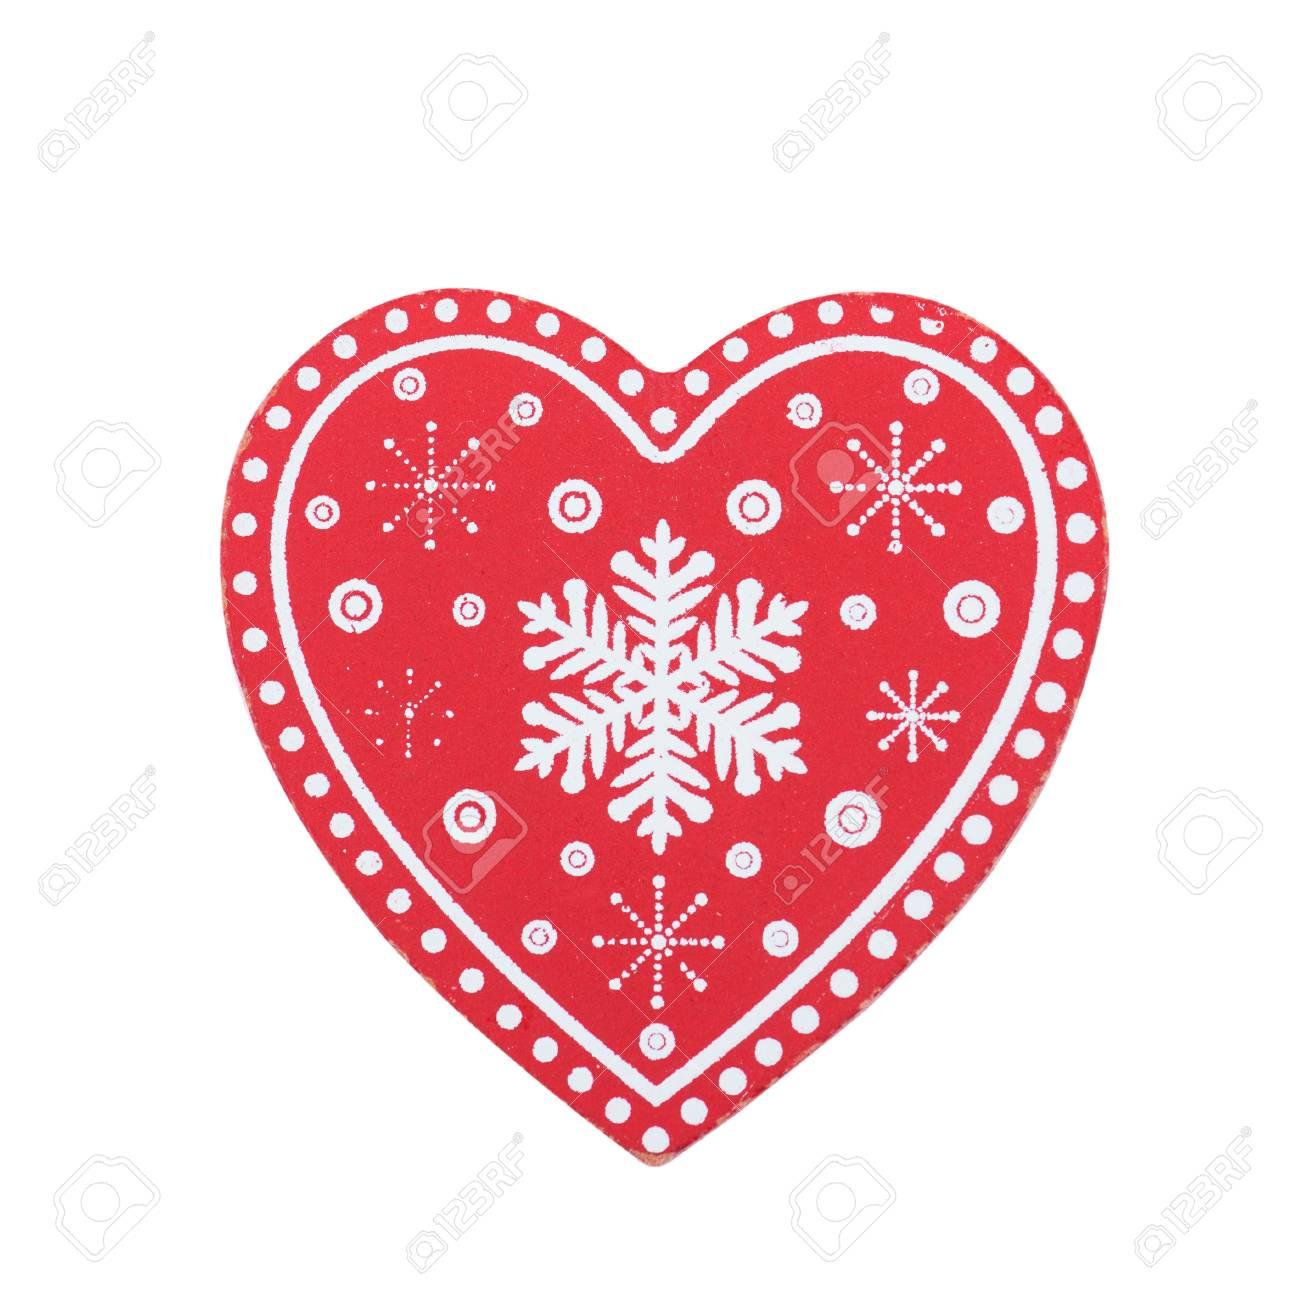 Décoration de Noël coeur en bois rouge avec ornement isolé sur blanc.